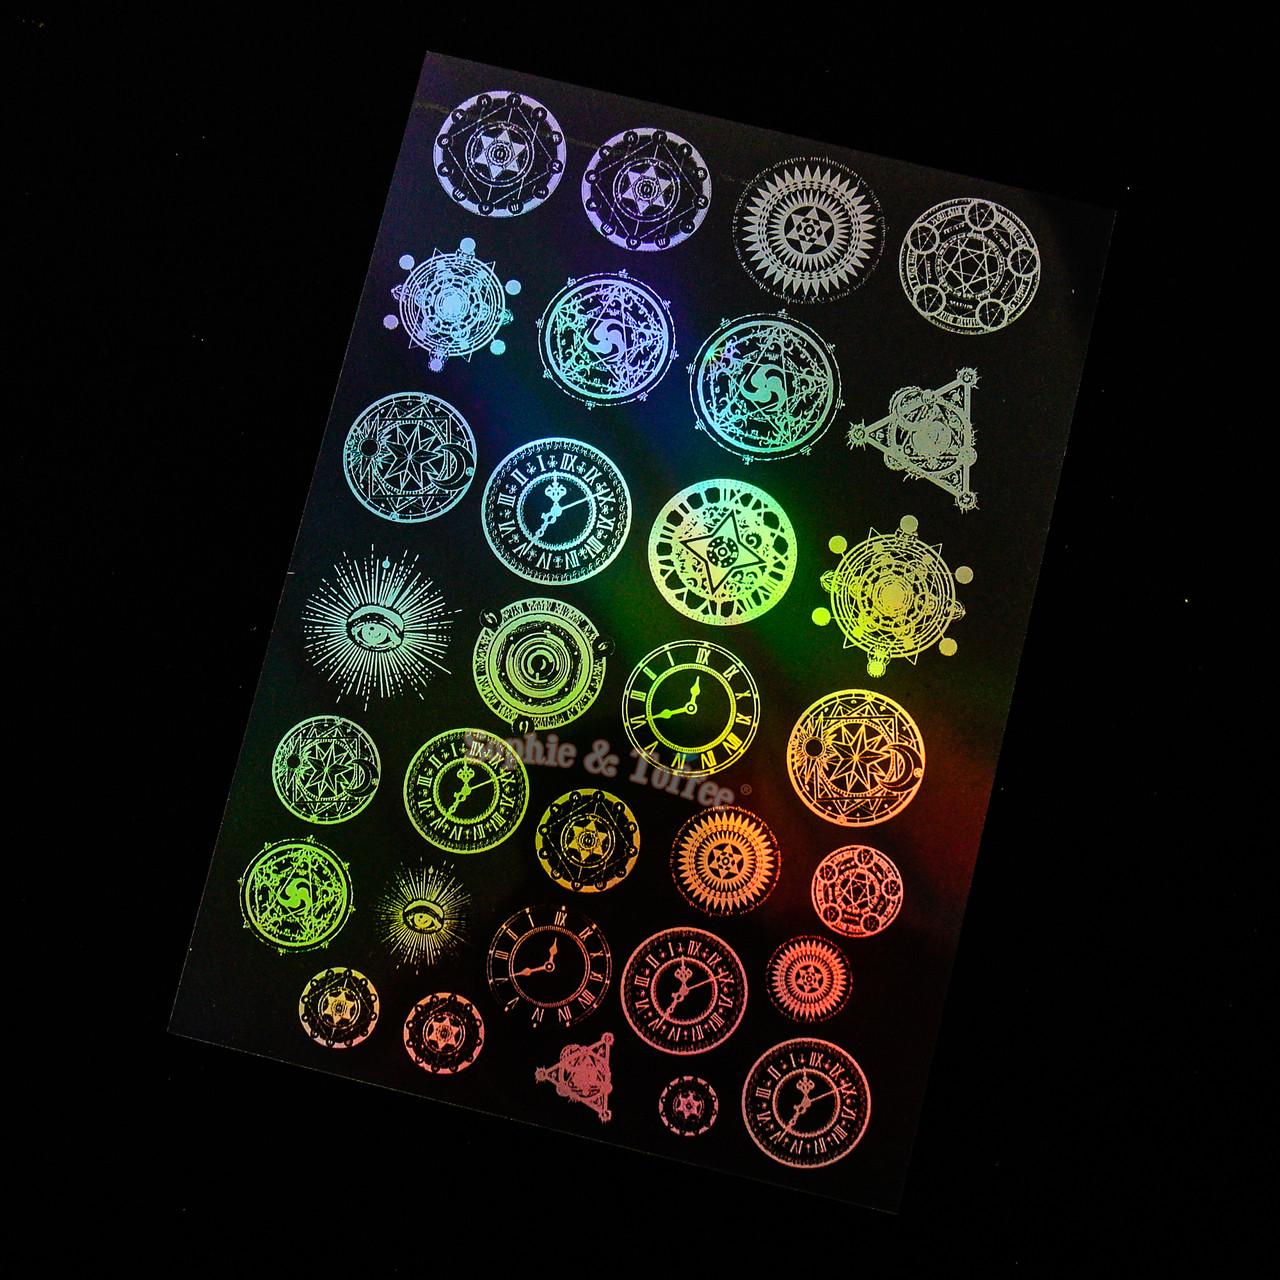 Holographic Clocks And Magic Circles Design Film